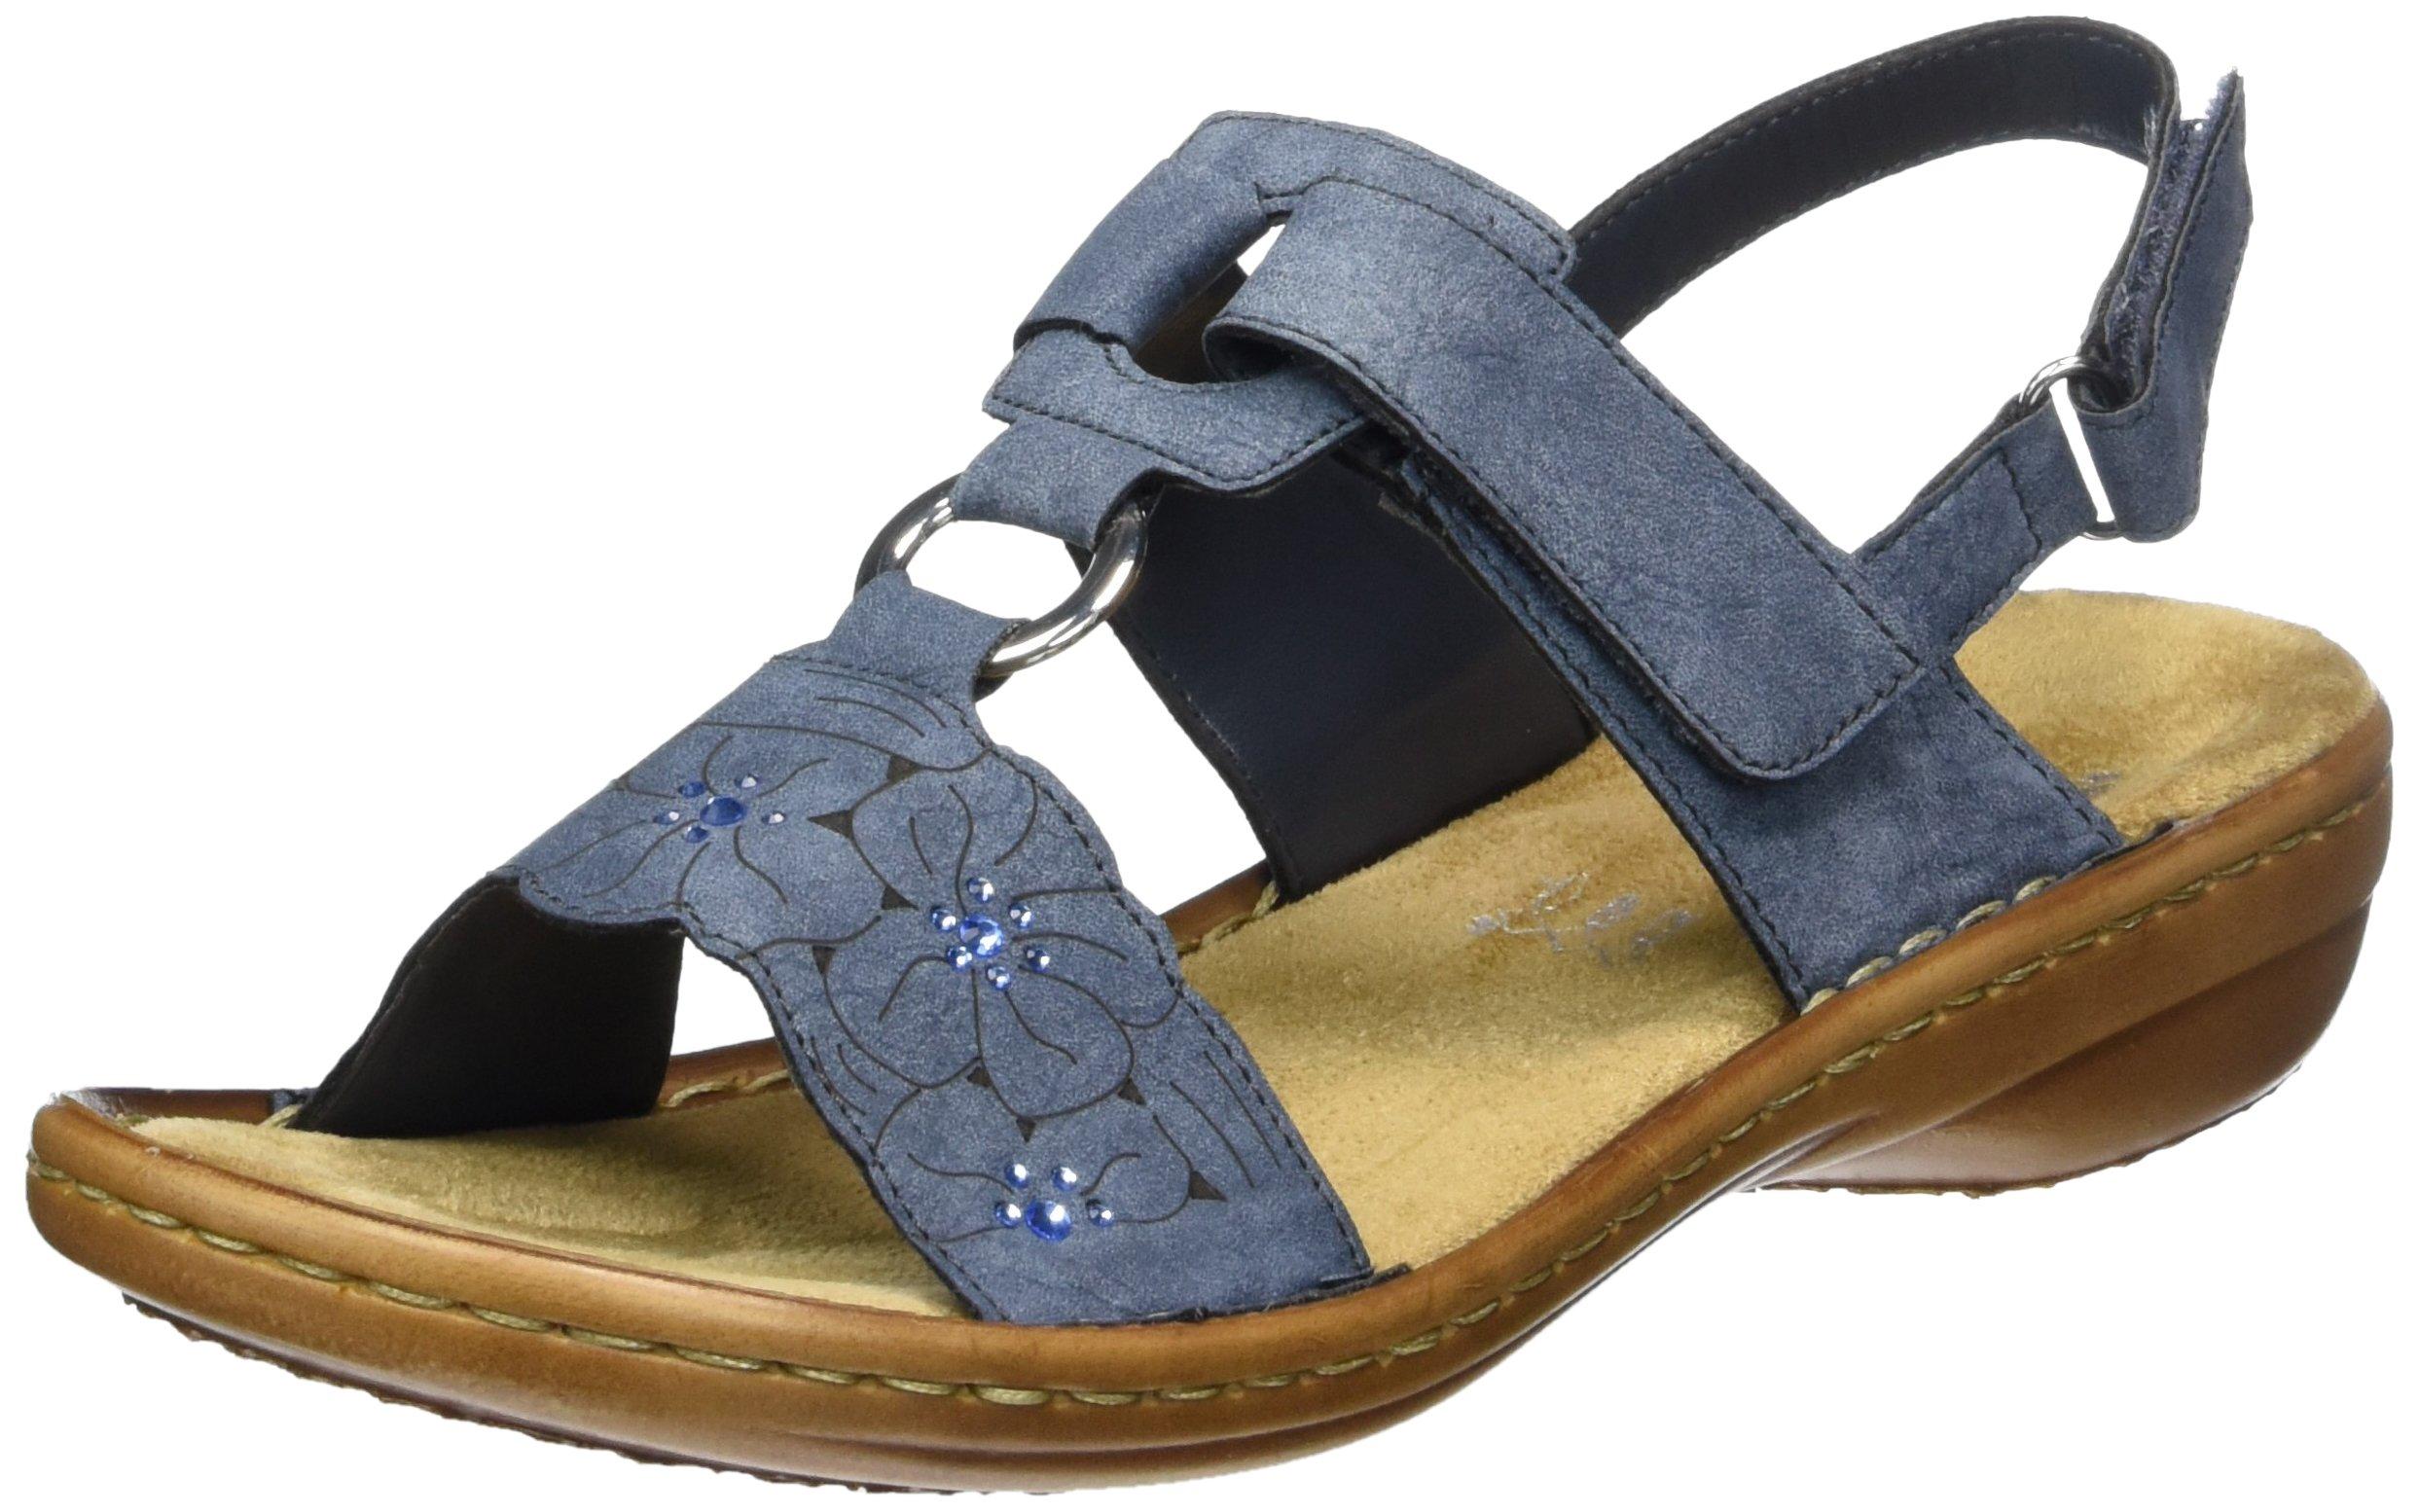 Rieker 60843 14 Schuhe Damen Sandalen Sandaletten Schuhgröße